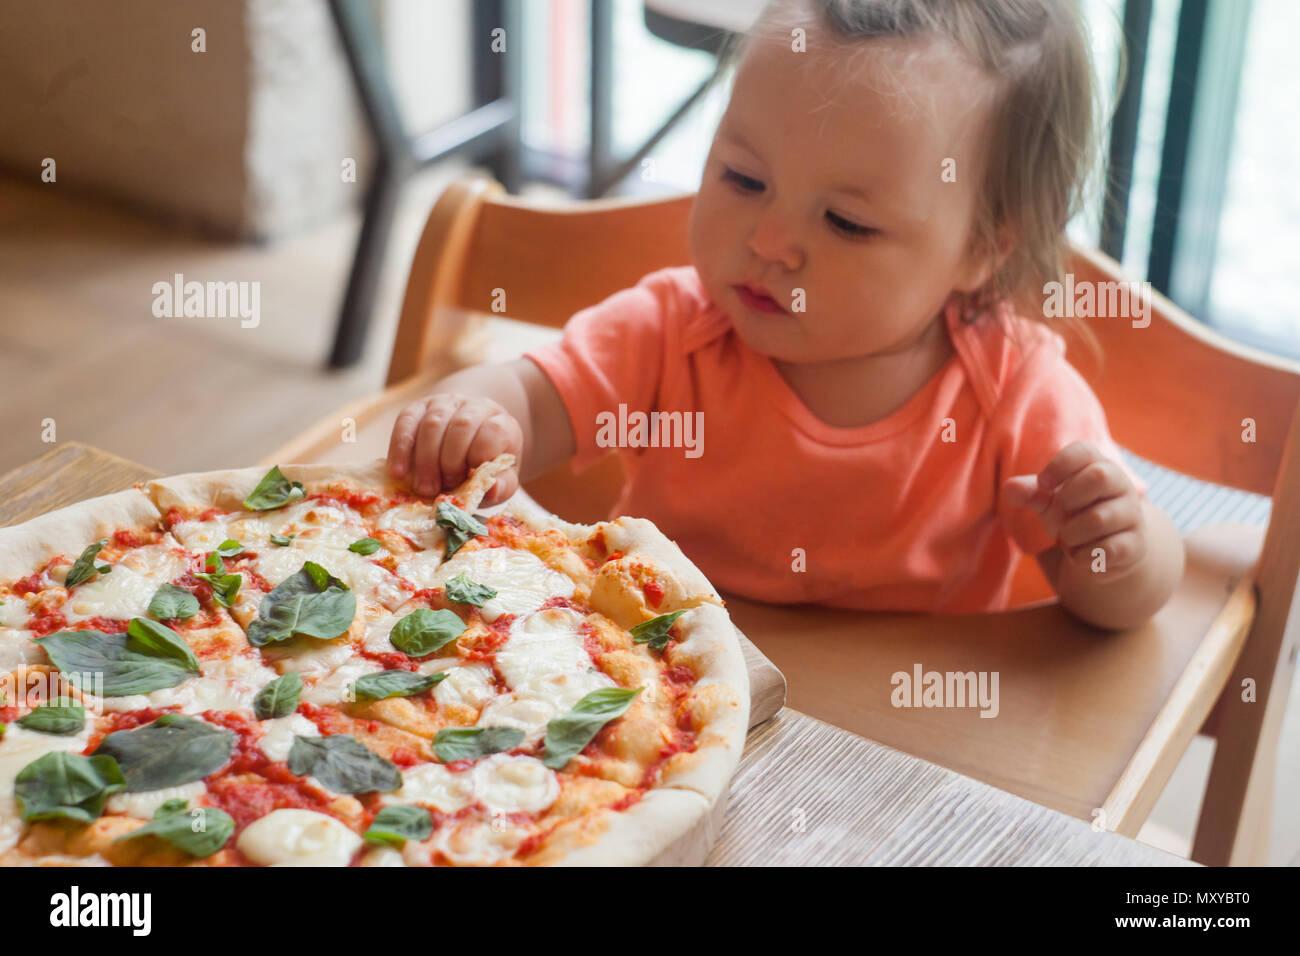 Baby Mädchen essen Pizza im italienischen Restaurant, gesund, ungesundes Essen, Kinder fast food Stockbild